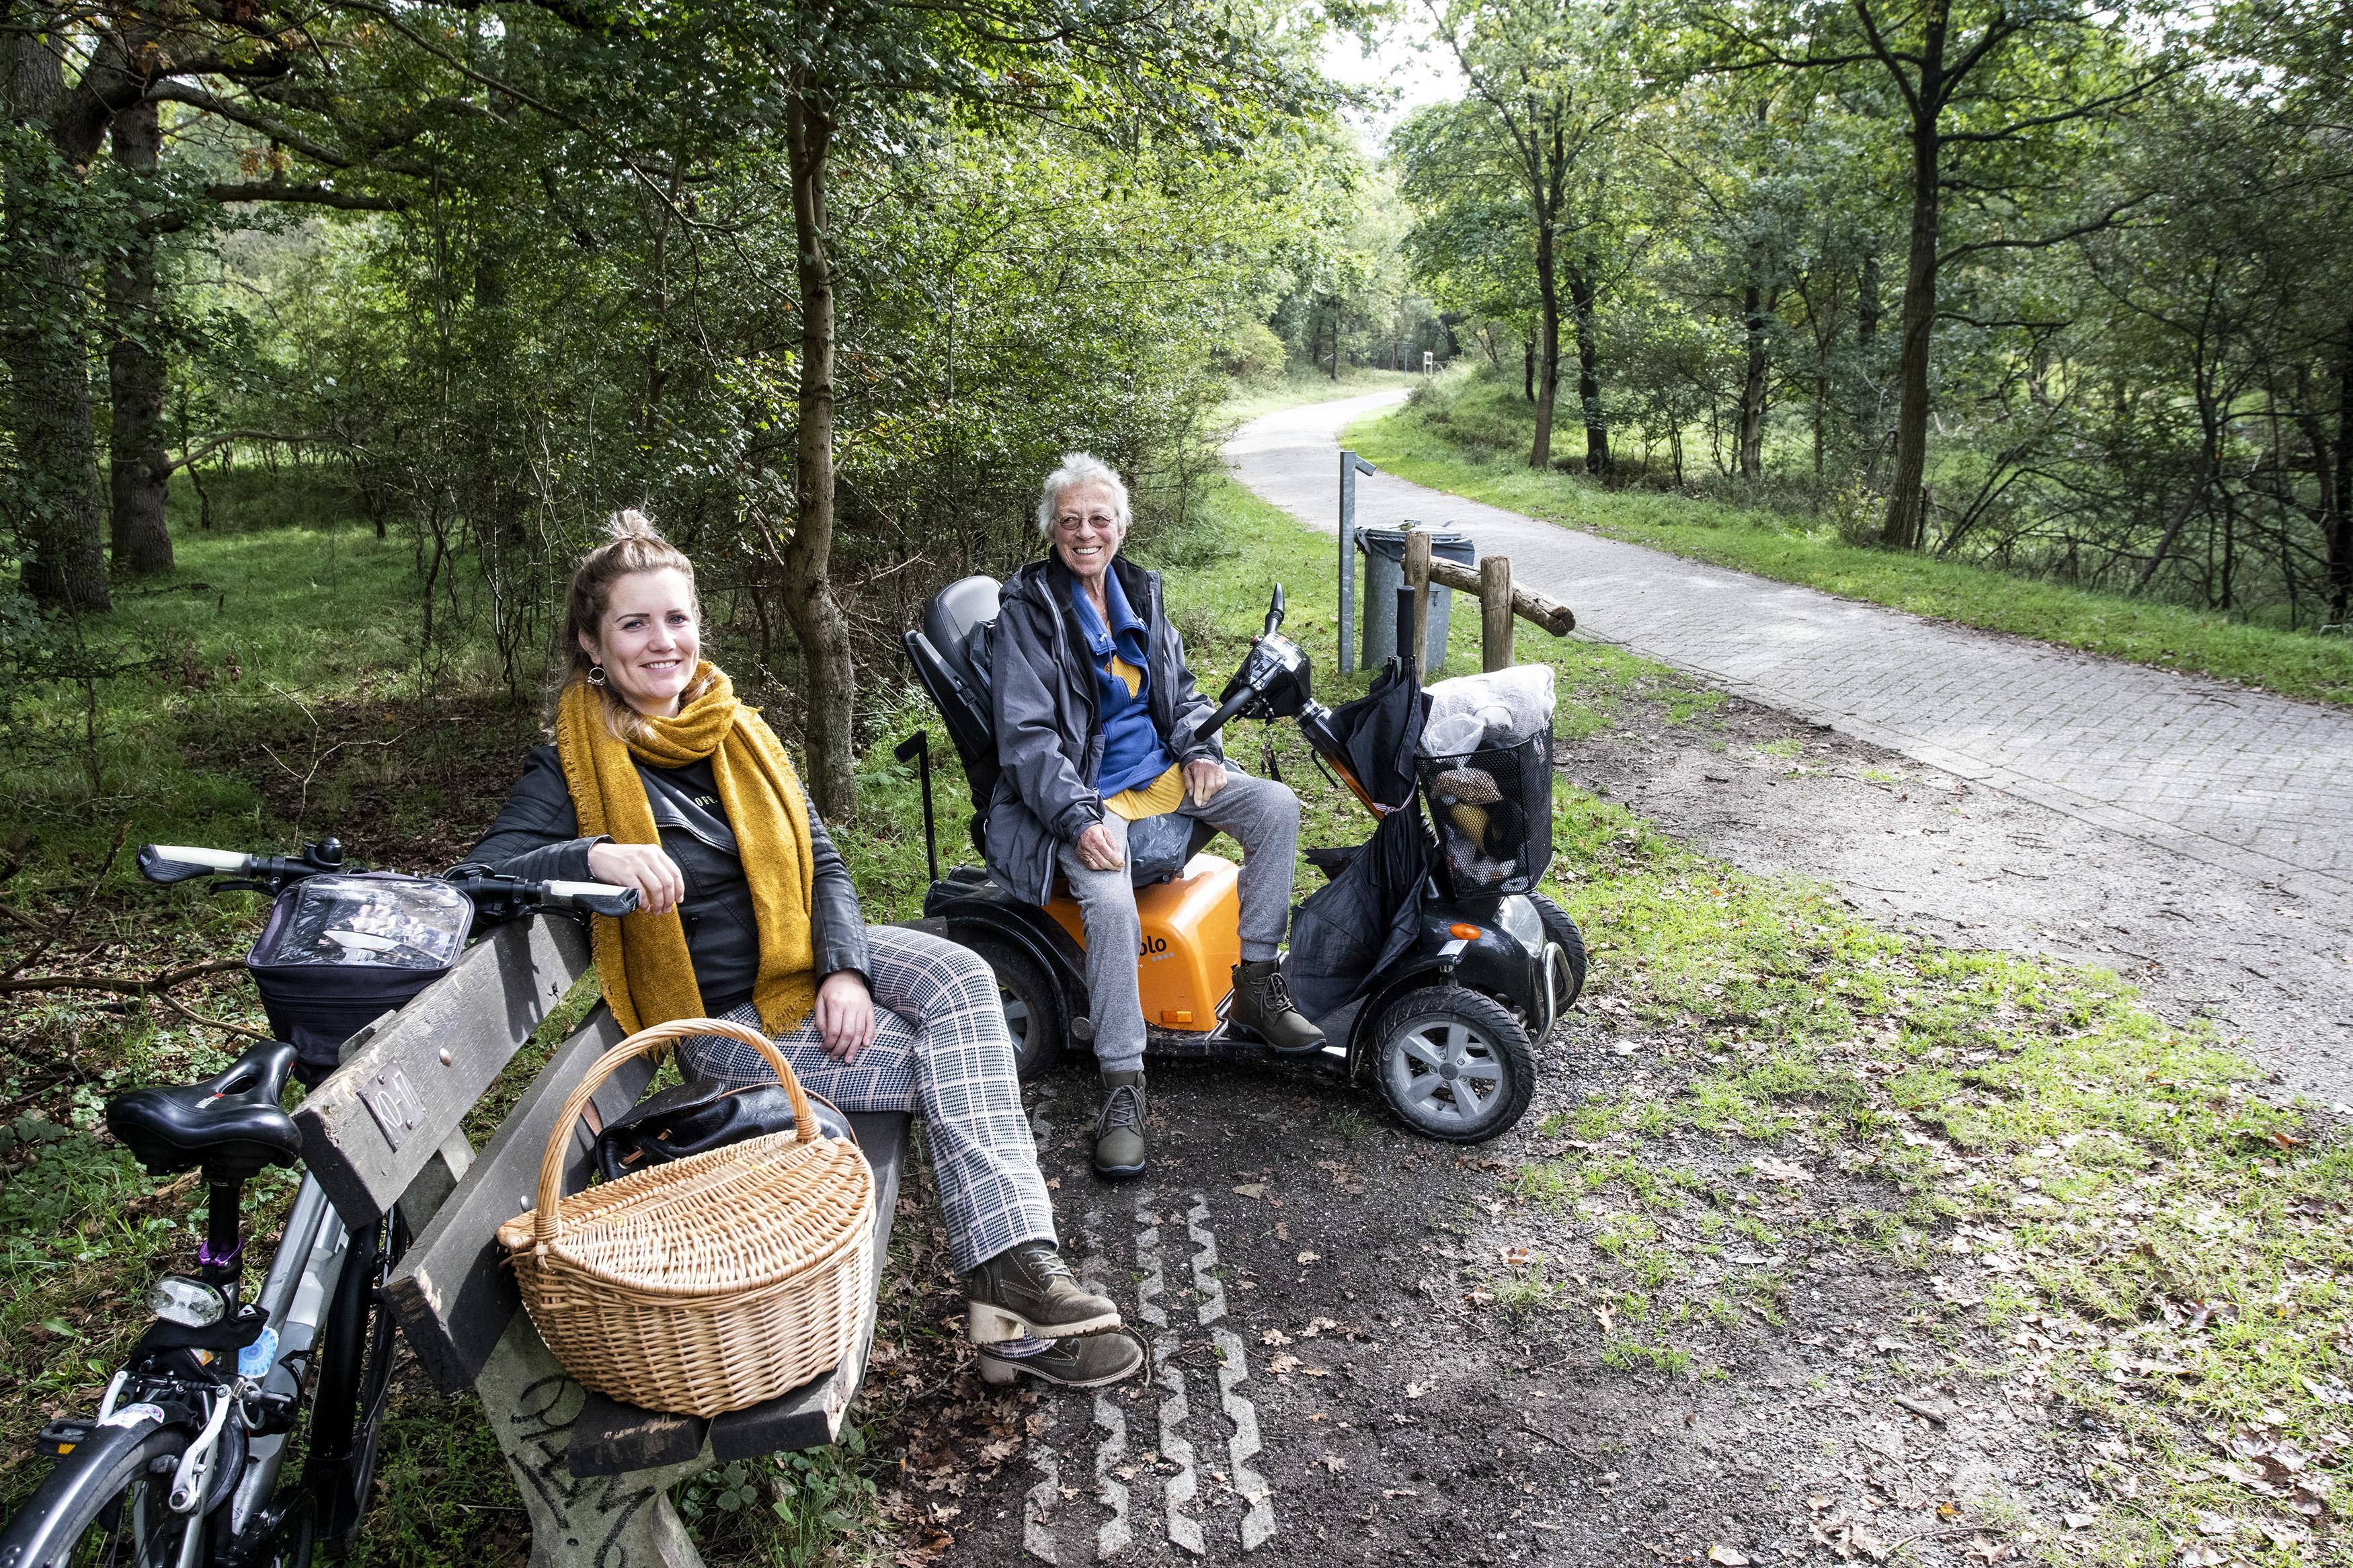 Marjoleine (32) en Anneke (82) hebben diepgaande vriendschap opgebouwd via Maatjesproject: 'Ik heb een duinoma gekregen en hoop nog lang van haar te genieten'